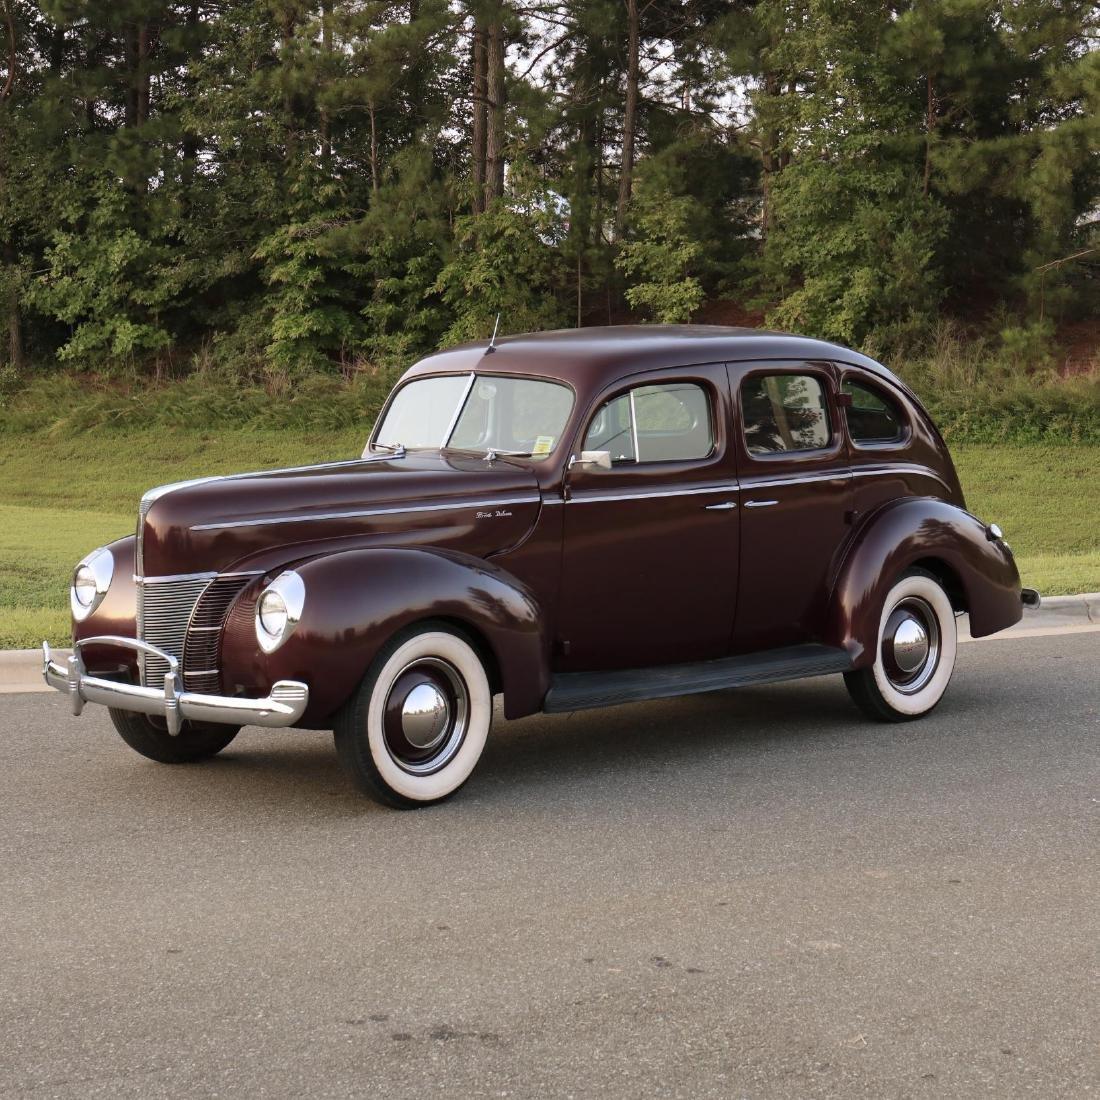 1940 Ford Deluxe Fordor Sedan